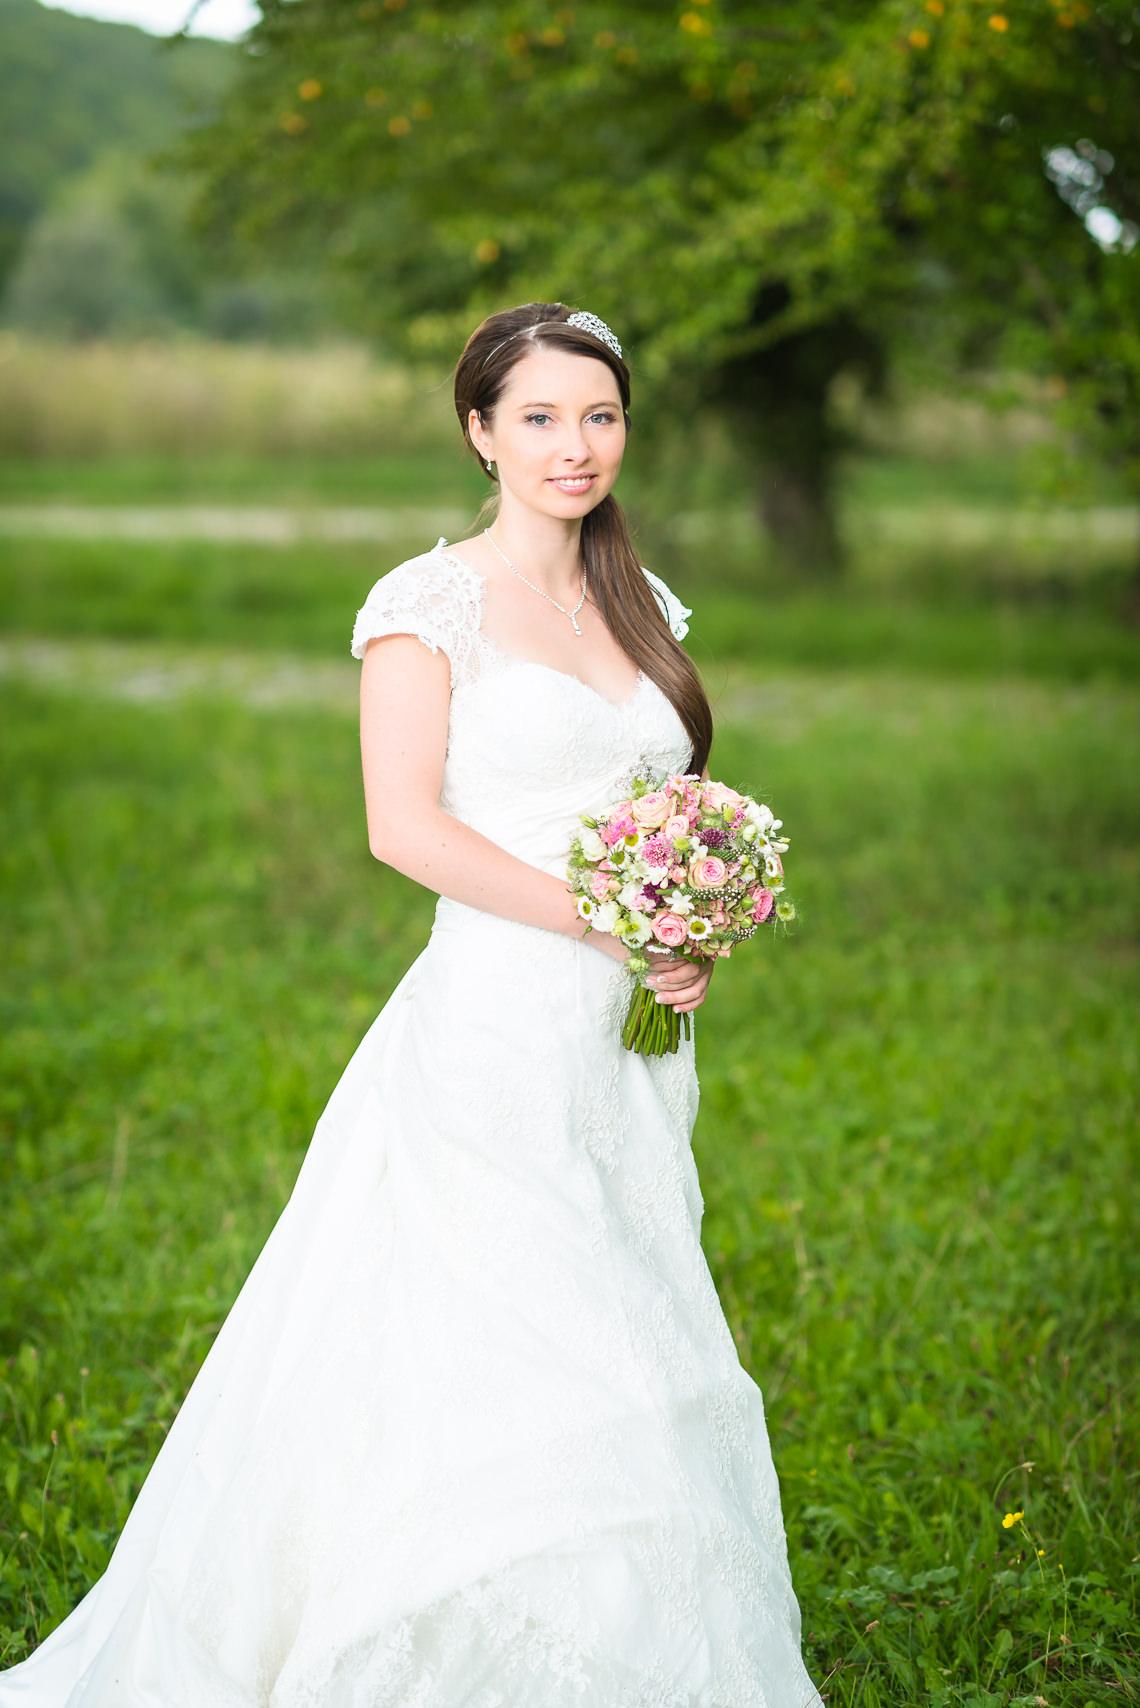 0011_20150904_CKE_2367_Hochzeit_Janine_Michael_